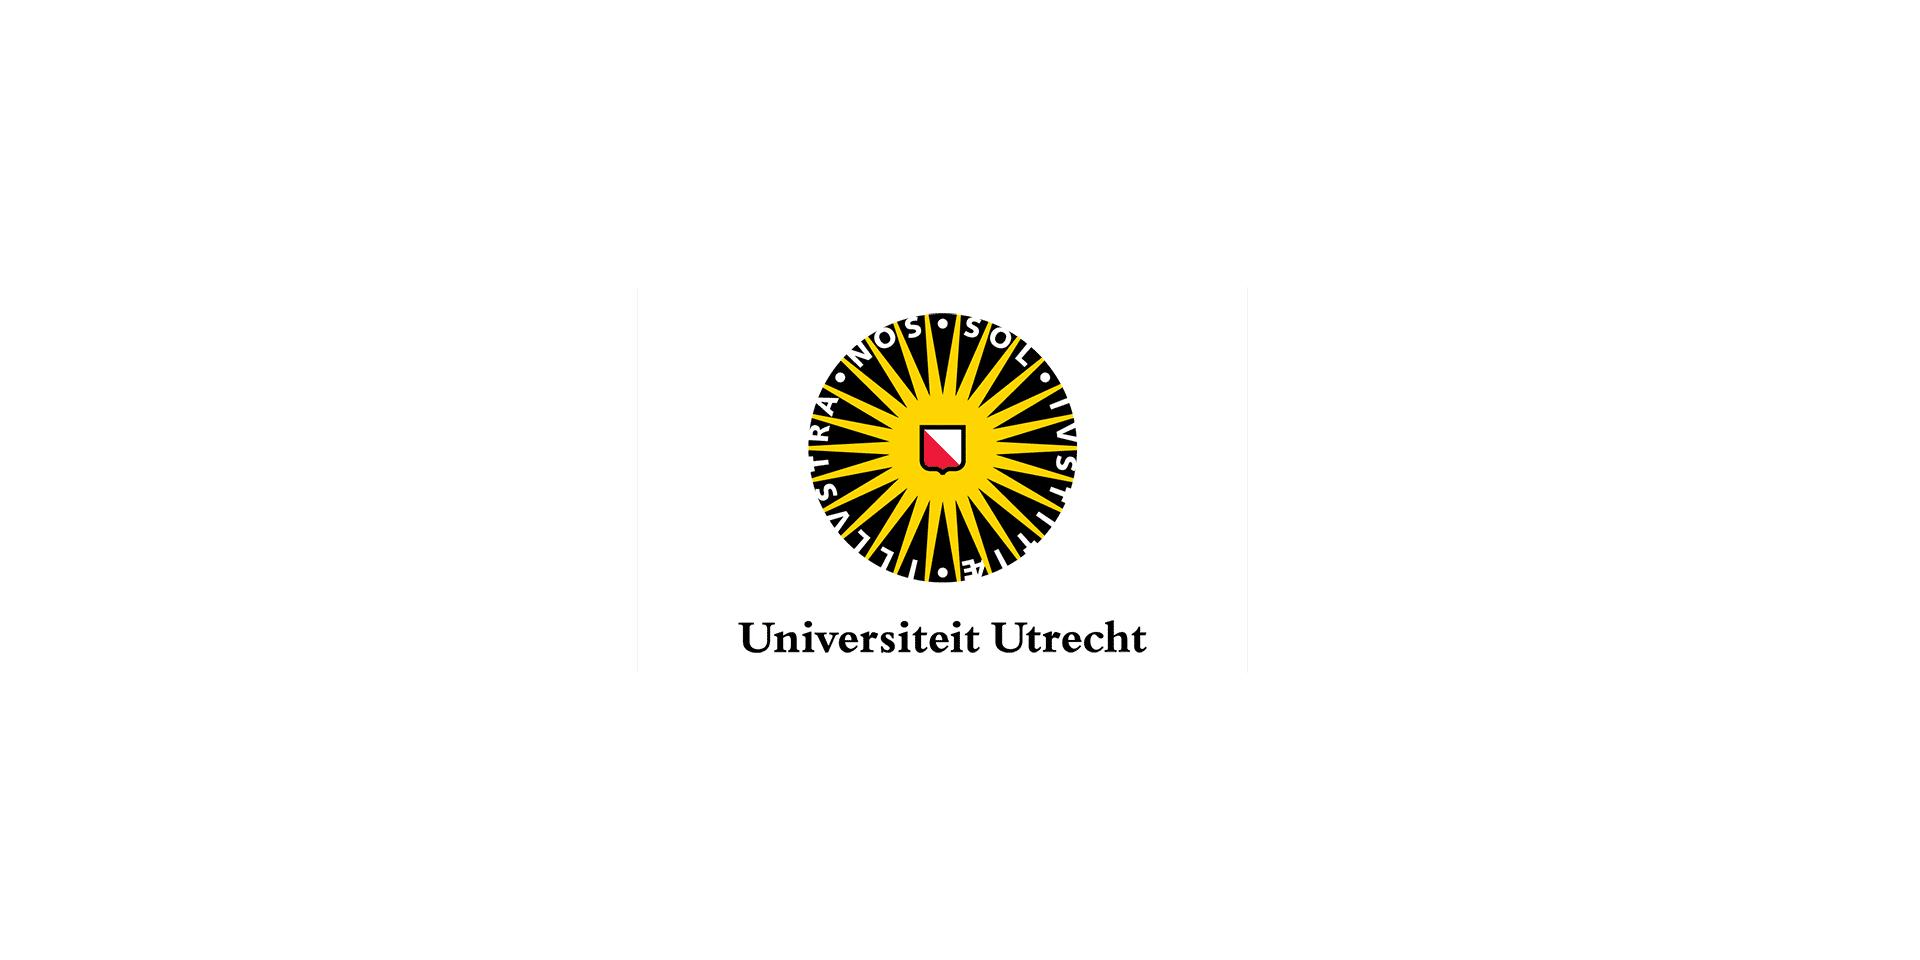 Universiteit Utrecht | Bibliotheekinrichting in de grootste bibliotheek van Nederland